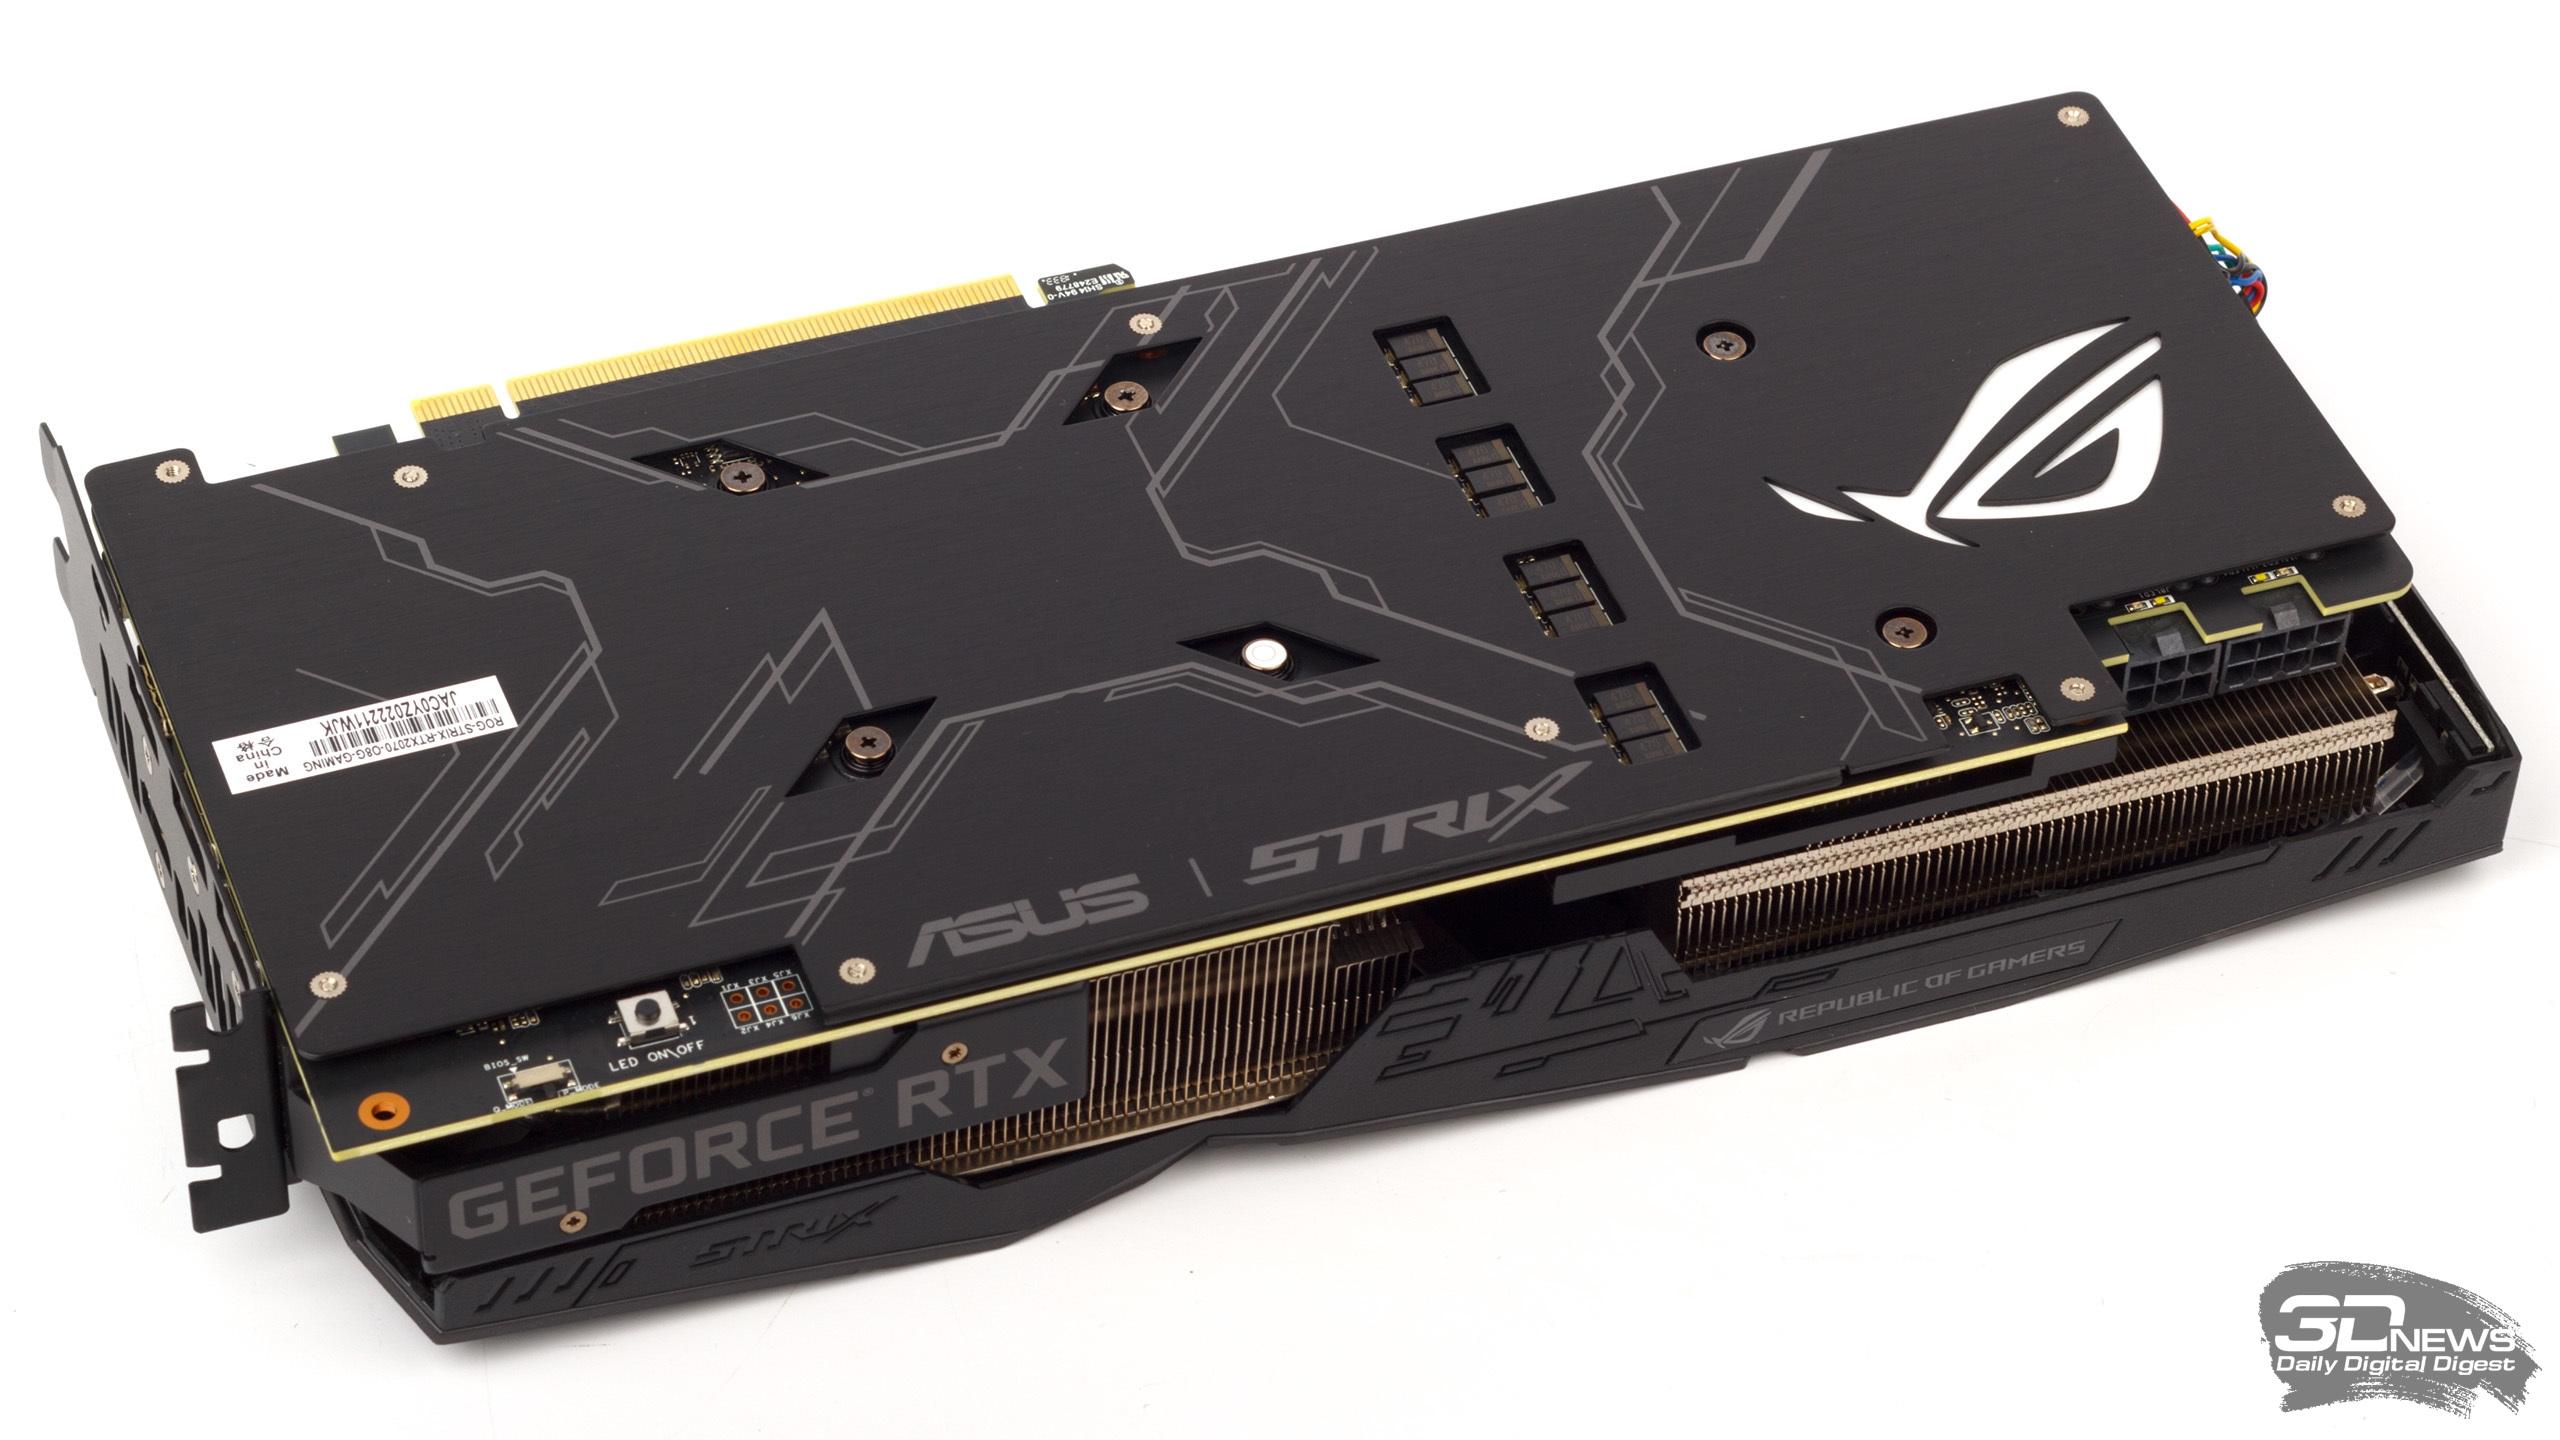 Обзор видеокарты ASUS ROG Strix GeForce RTX 2070 OC: младший